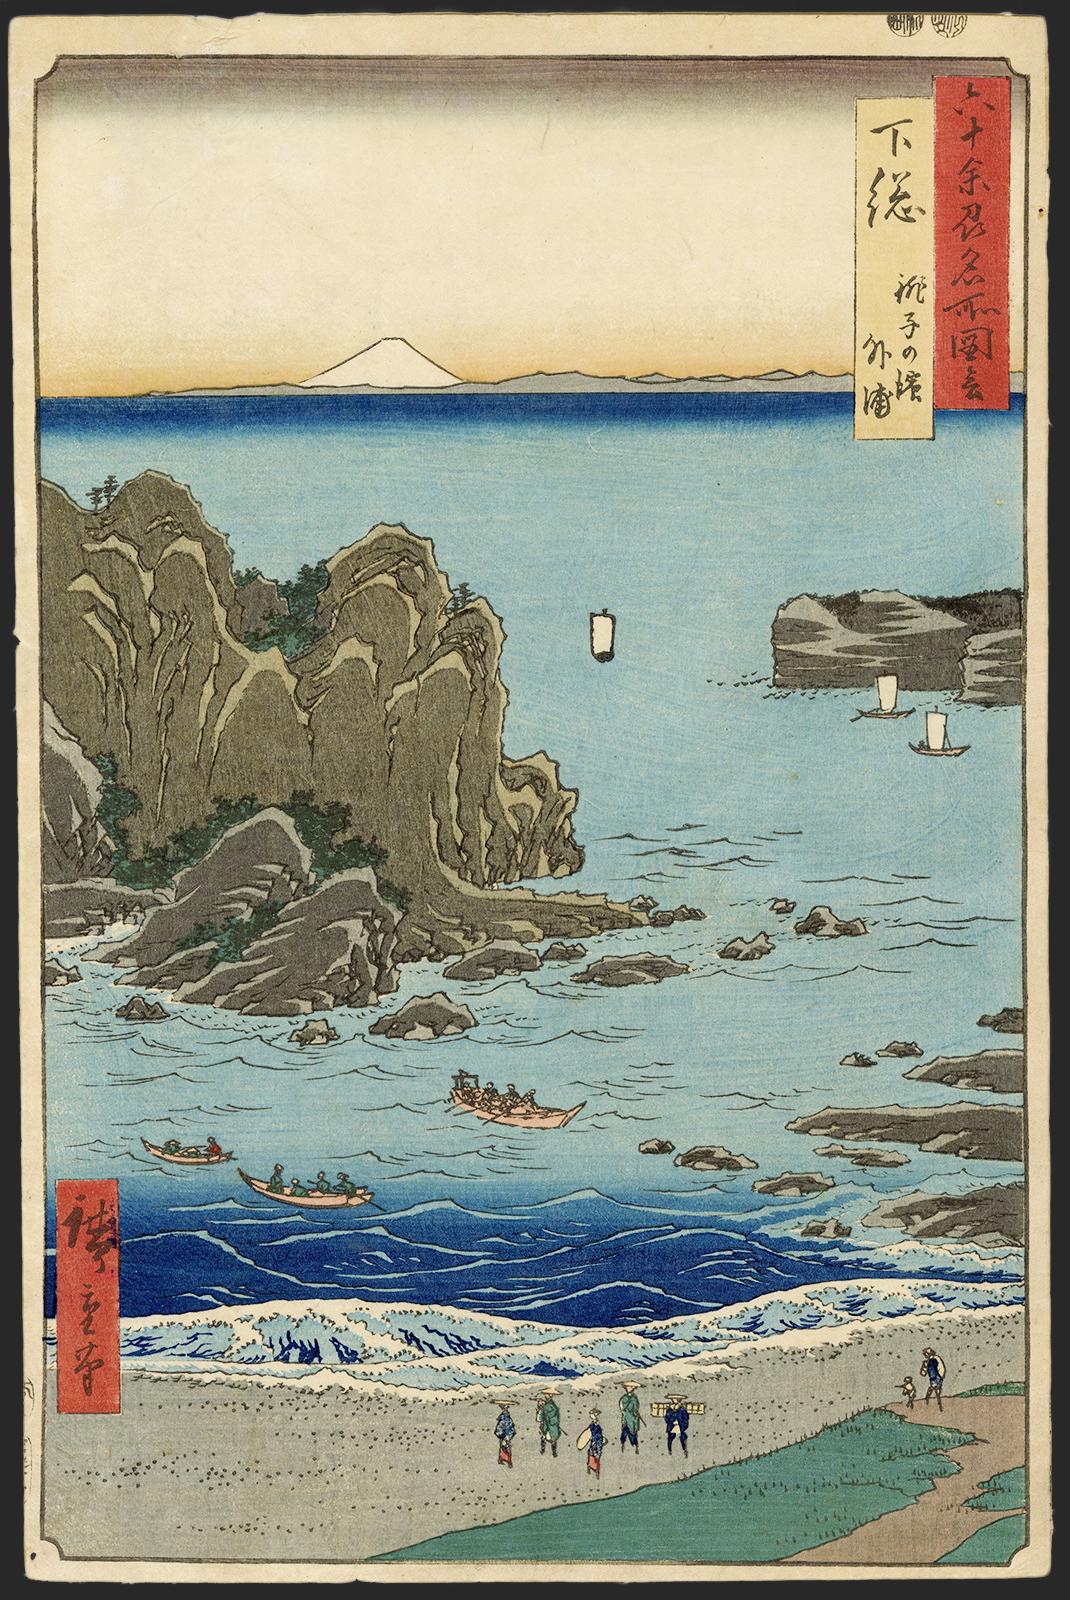 広重 / Hiroshige「六十余州名所図会 下総 銚子の浜 外浦」